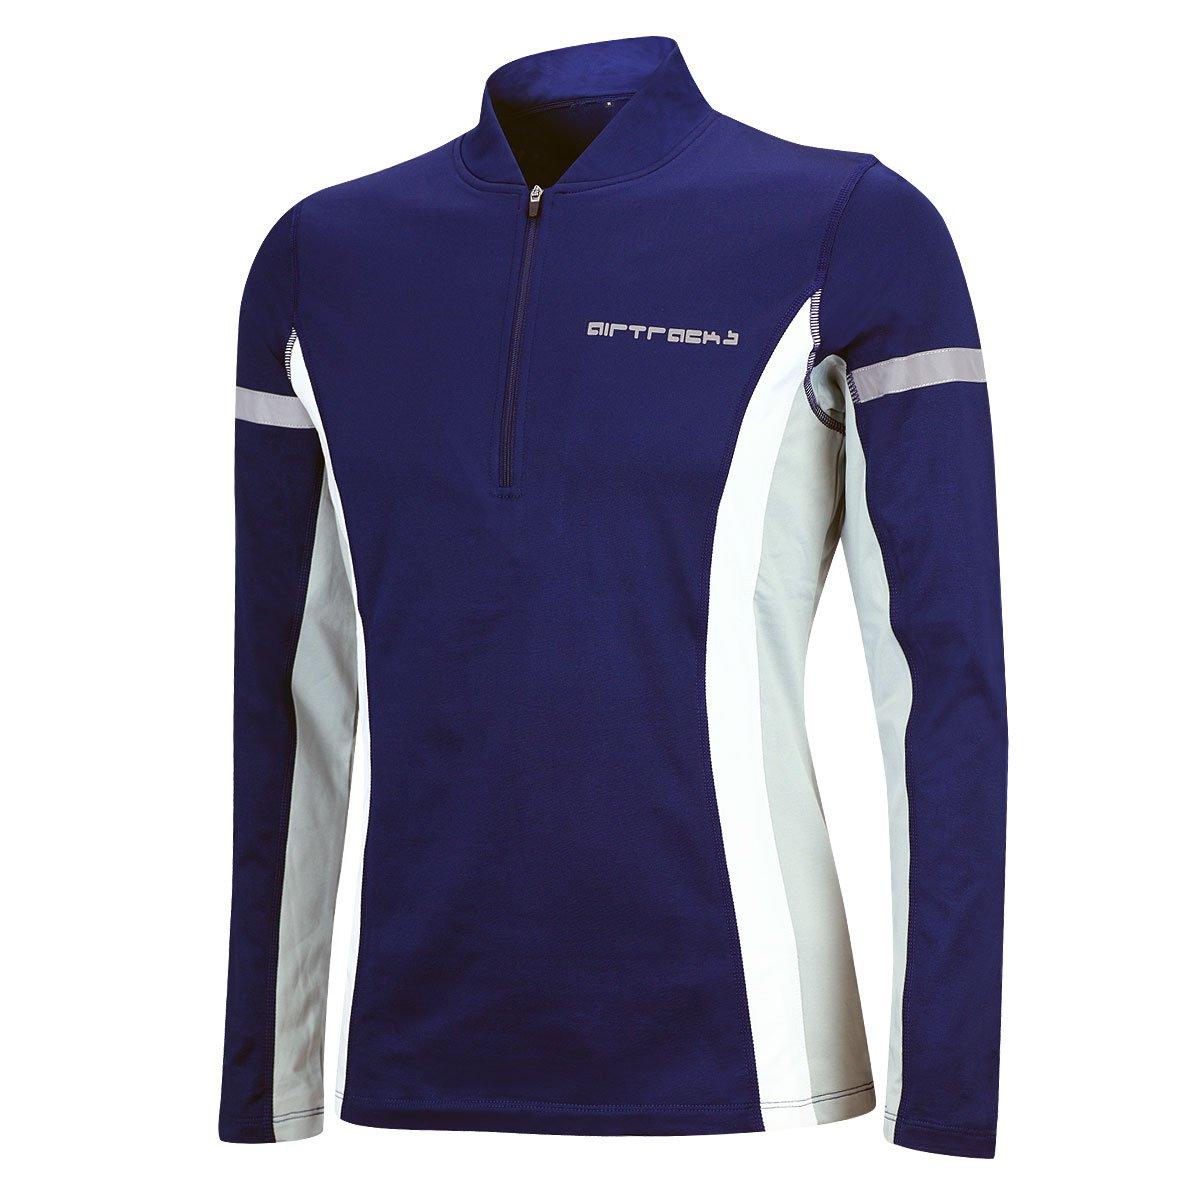 Airtracks funzionale invernale maglia da corsa per uomo o donna alta visibilità in pile con maniche lunghe, nero